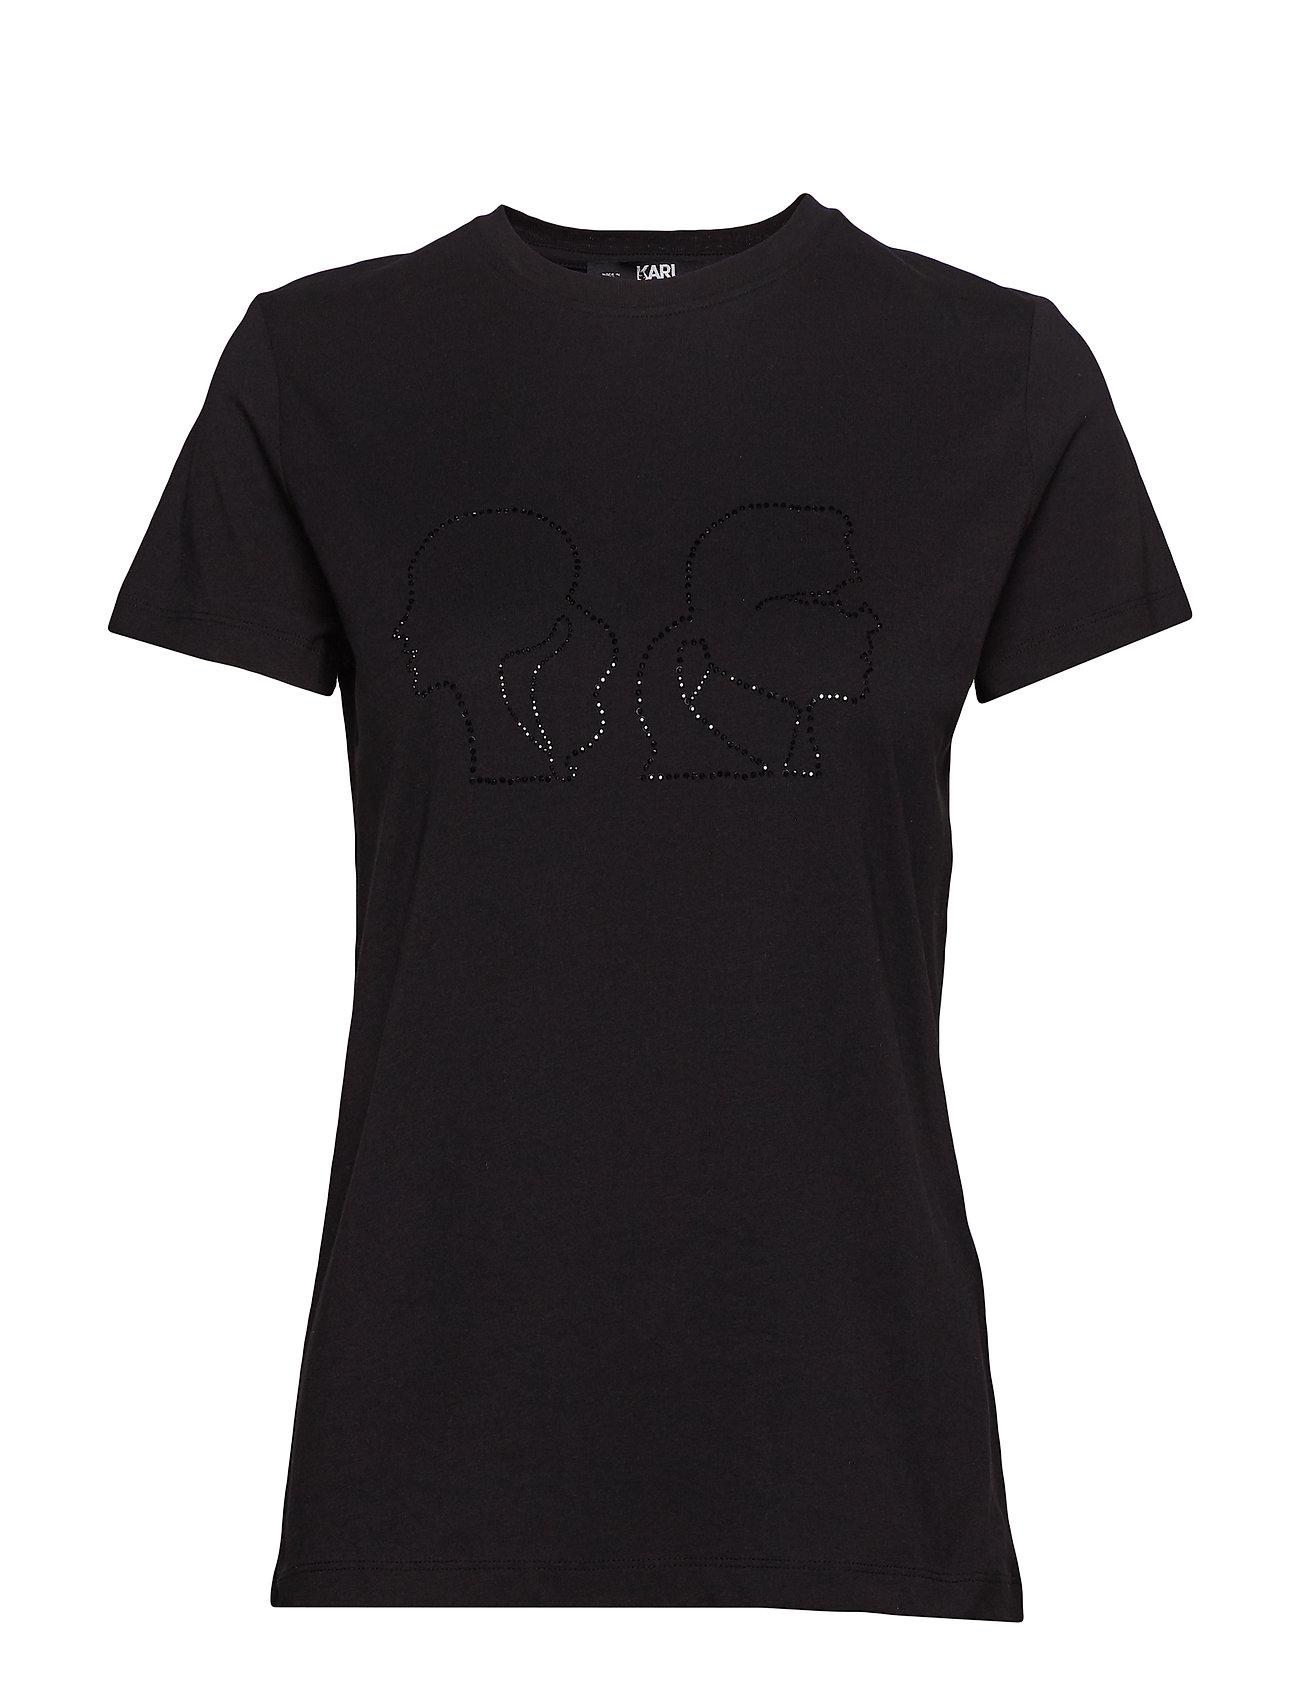 Karl Lagerfeld Karl X Olivia Profile Tee - 999 BLACK